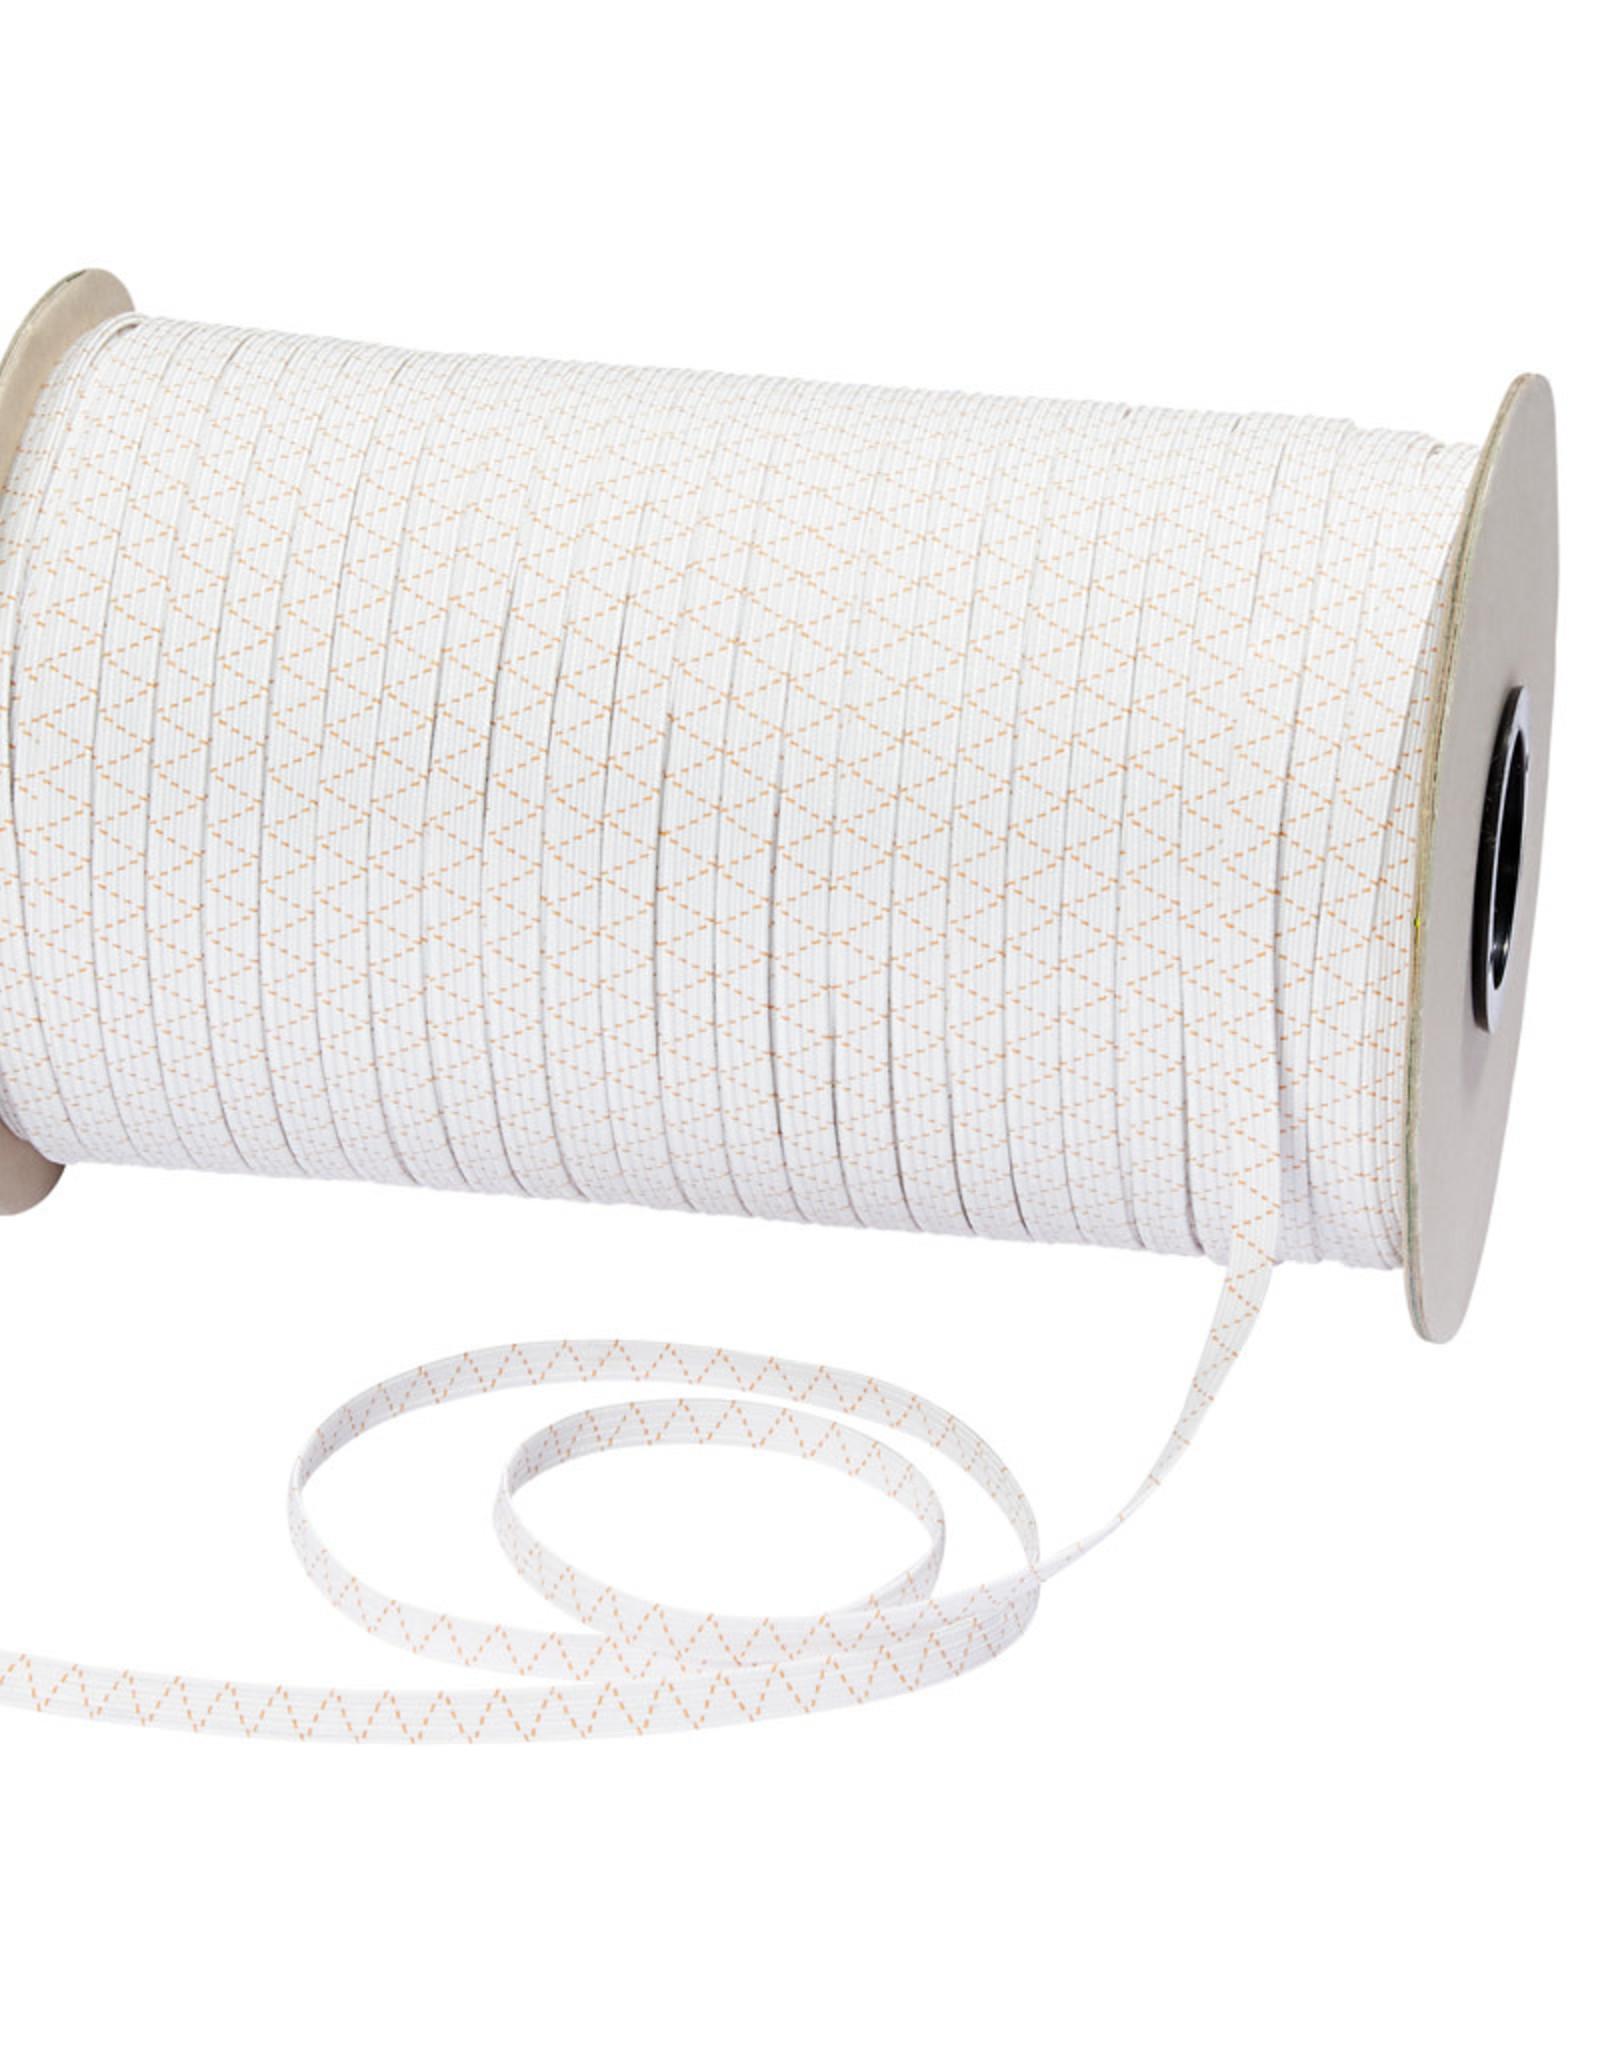 Prym prym elastiek 7 mm  wit